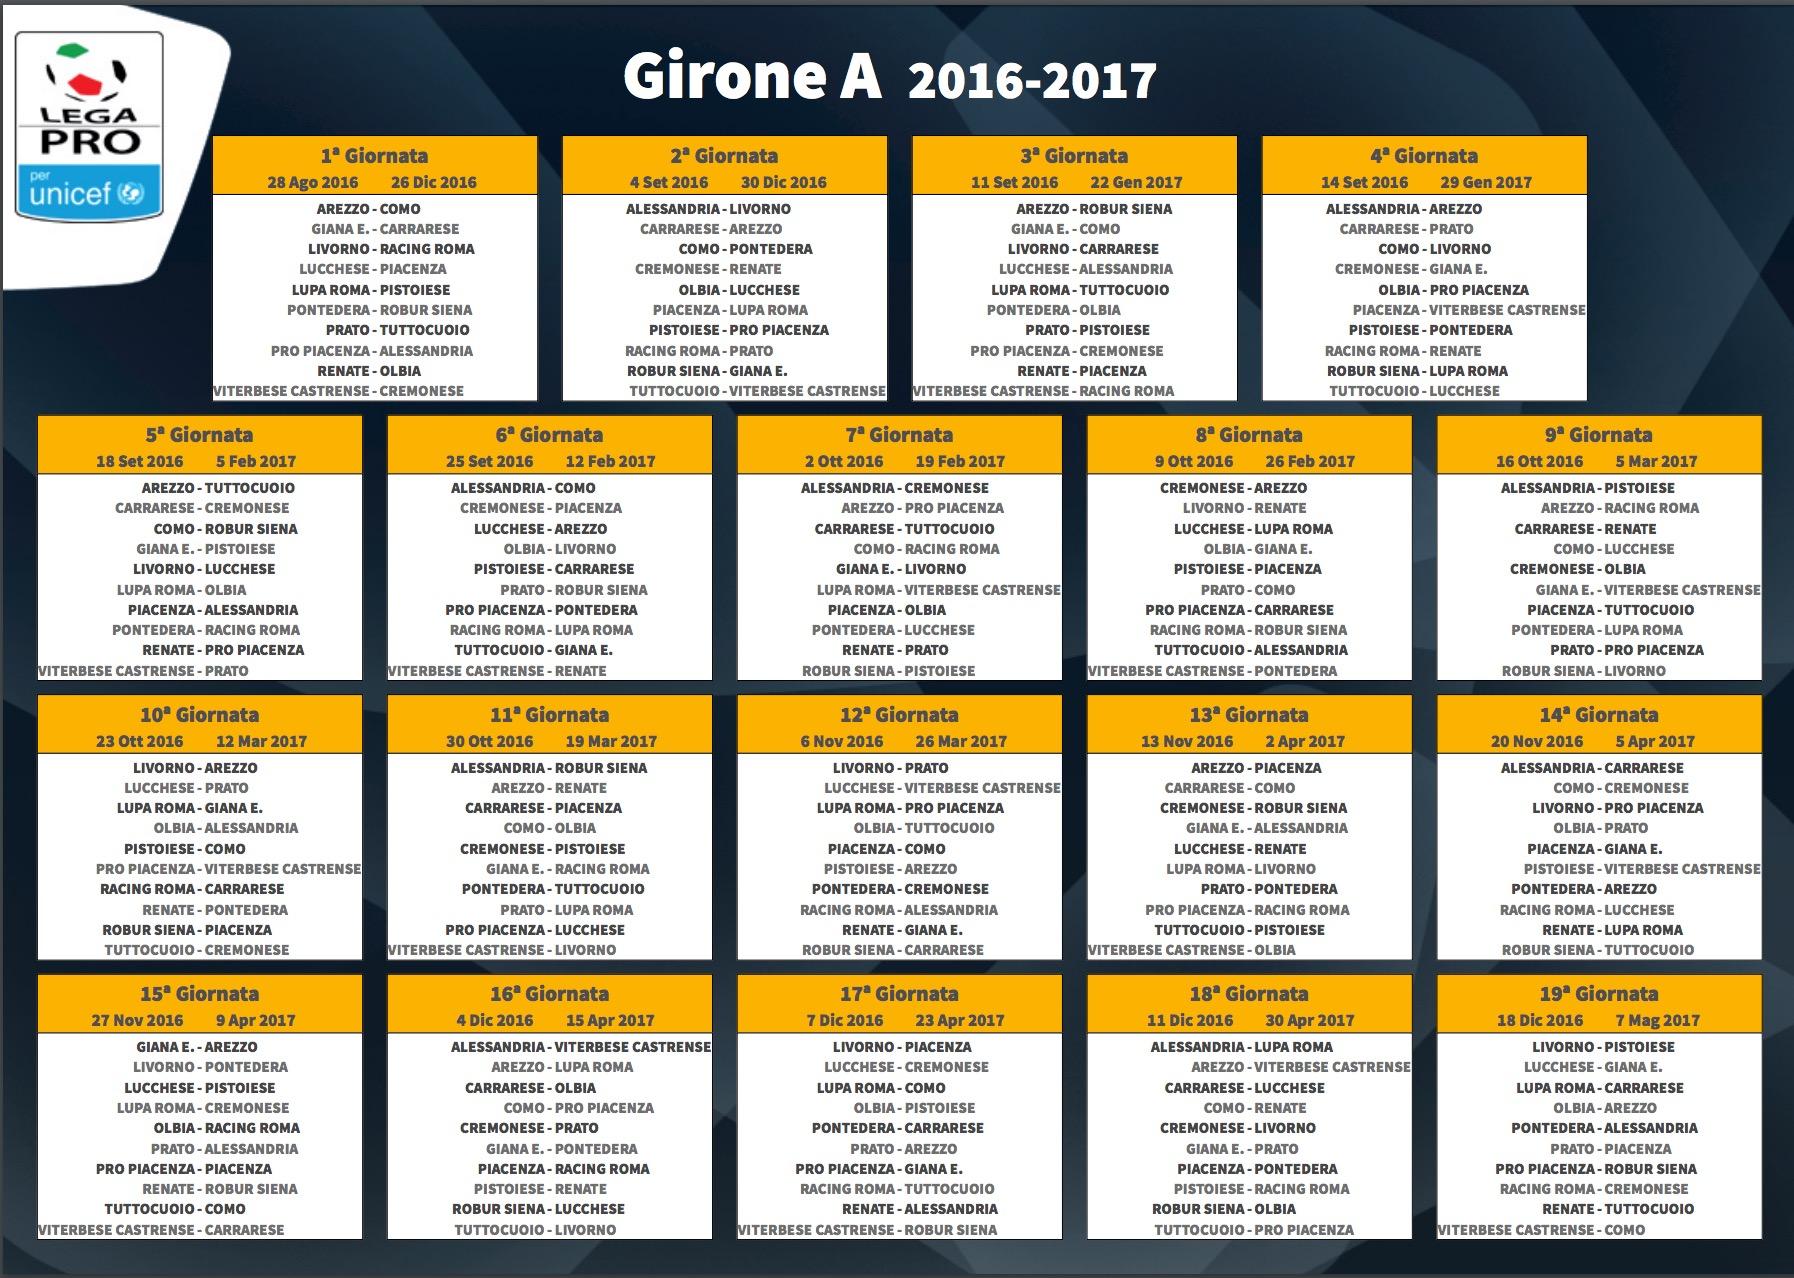 Calendario 15 Giornata Serie A.Girone A Lega Pro 2016 17 Classifica Finale E Risultati